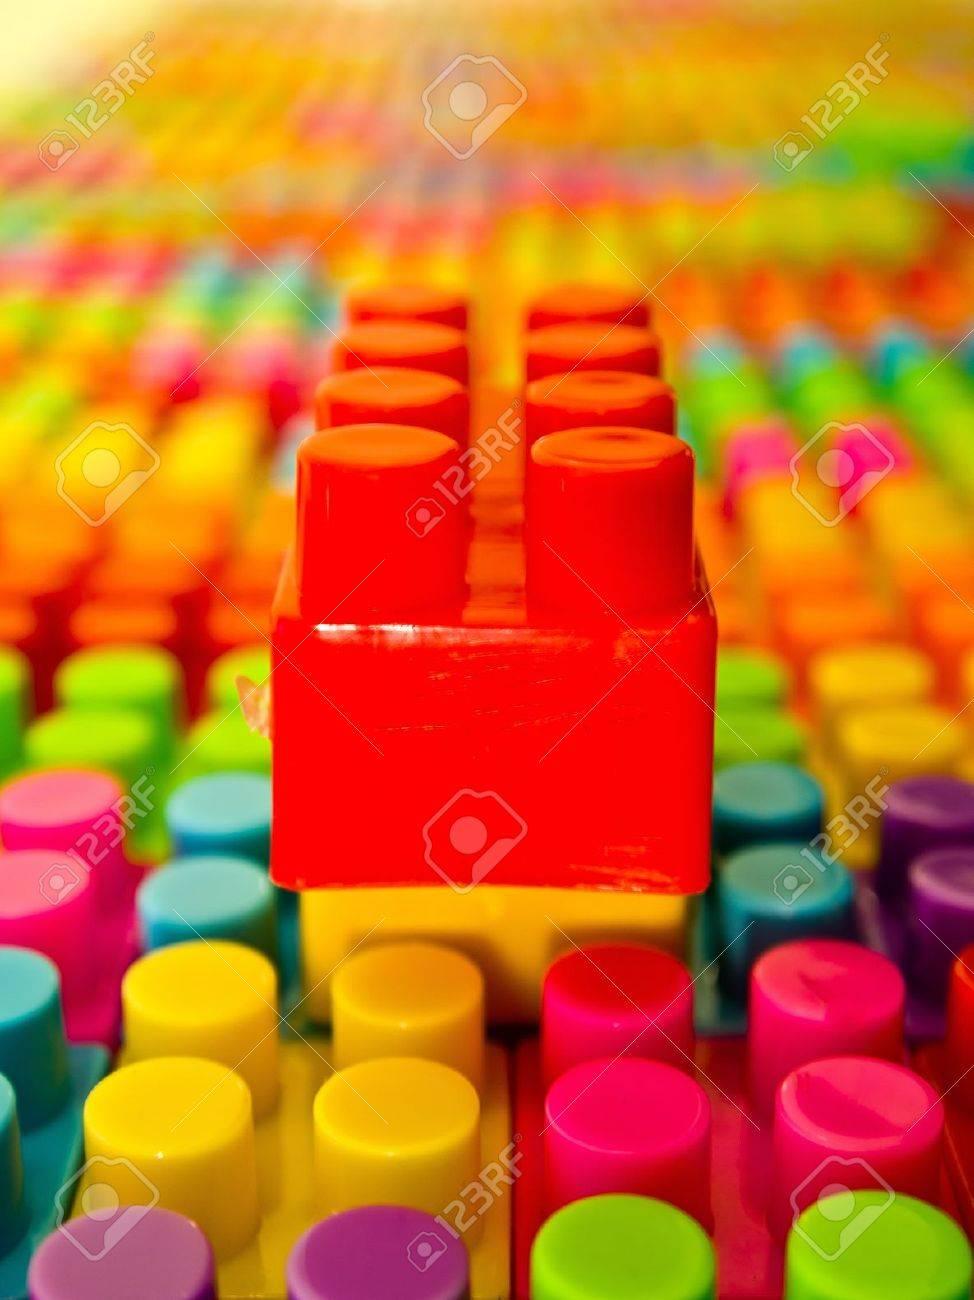 Red lego bloc en haut Banque d'images - 15503866